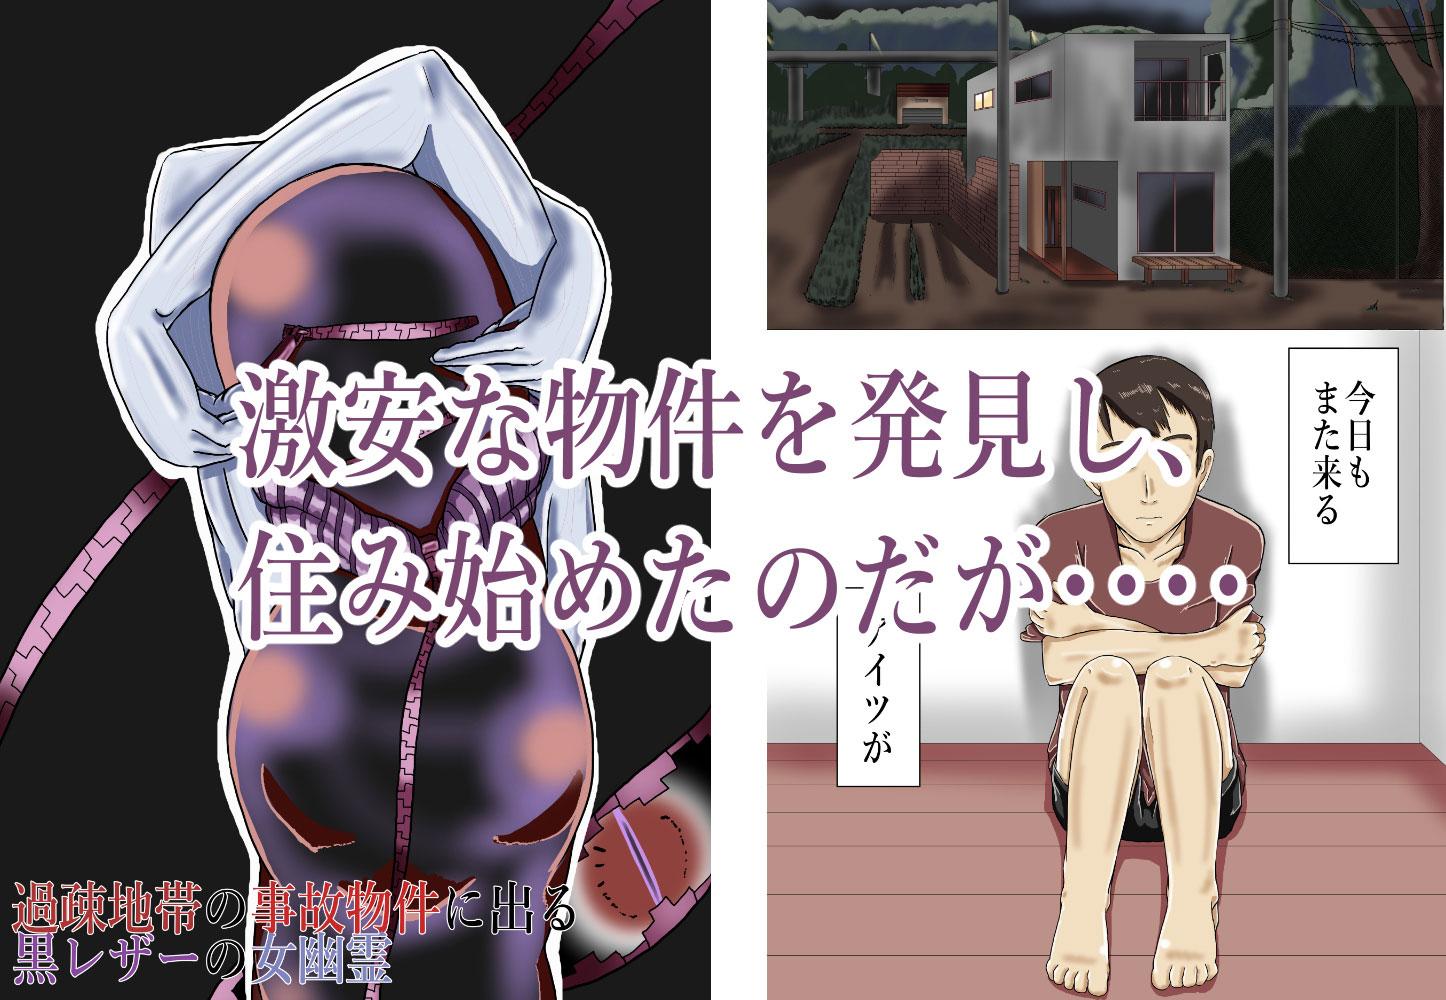 過疎地帯の事故物件に出る黒レザーの女幽霊のサンプル画像1